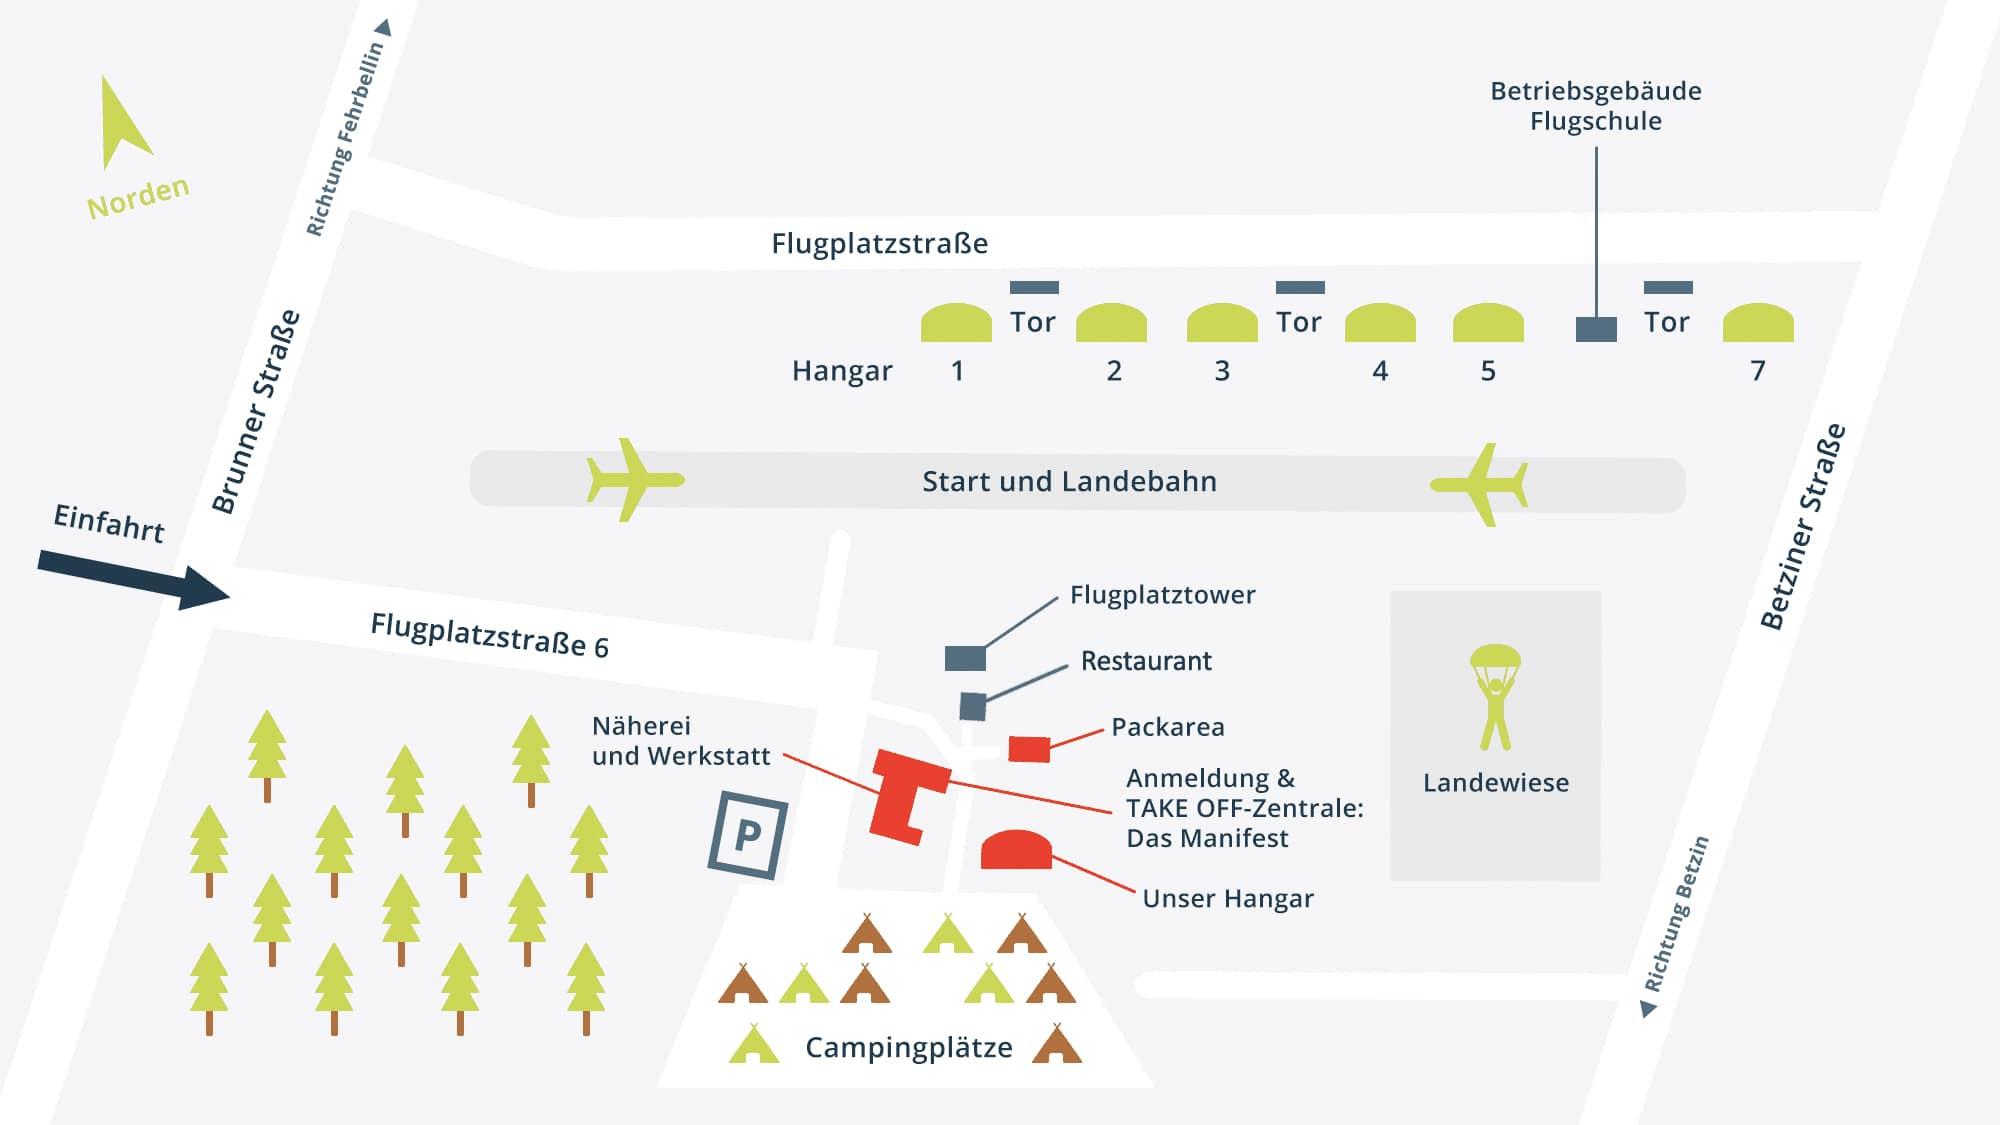 takeoff-fallschirmsport-center-lageplan_1